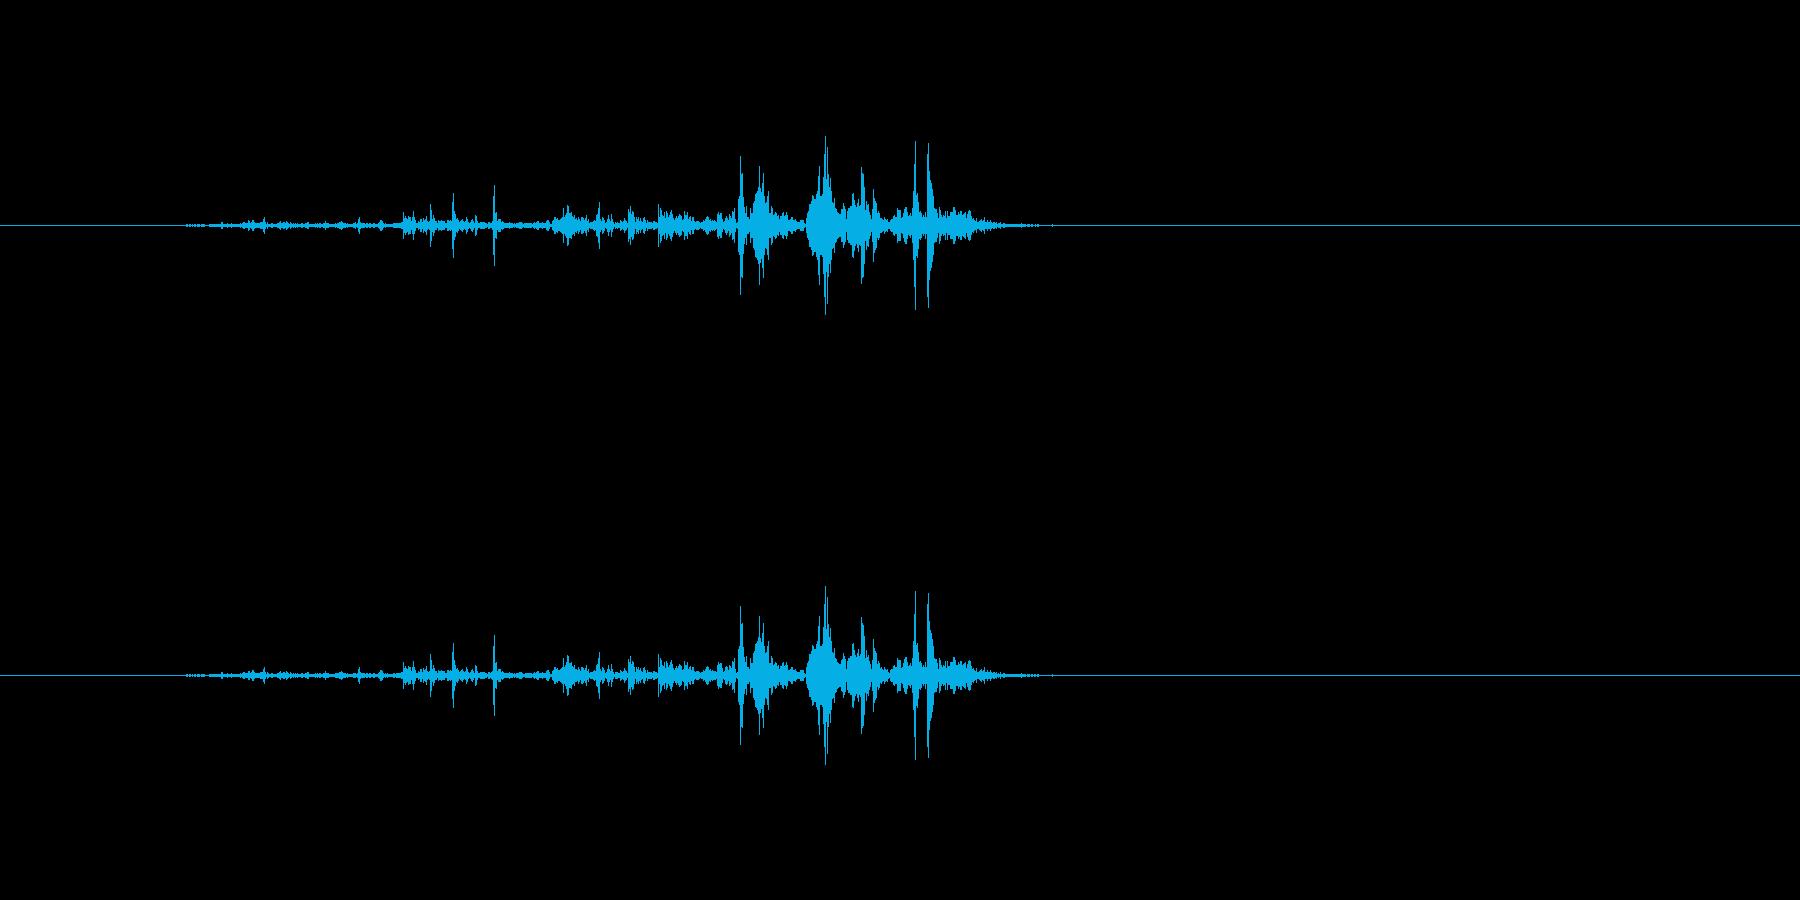 【雑誌01-5(パラパラ)】の再生済みの波形